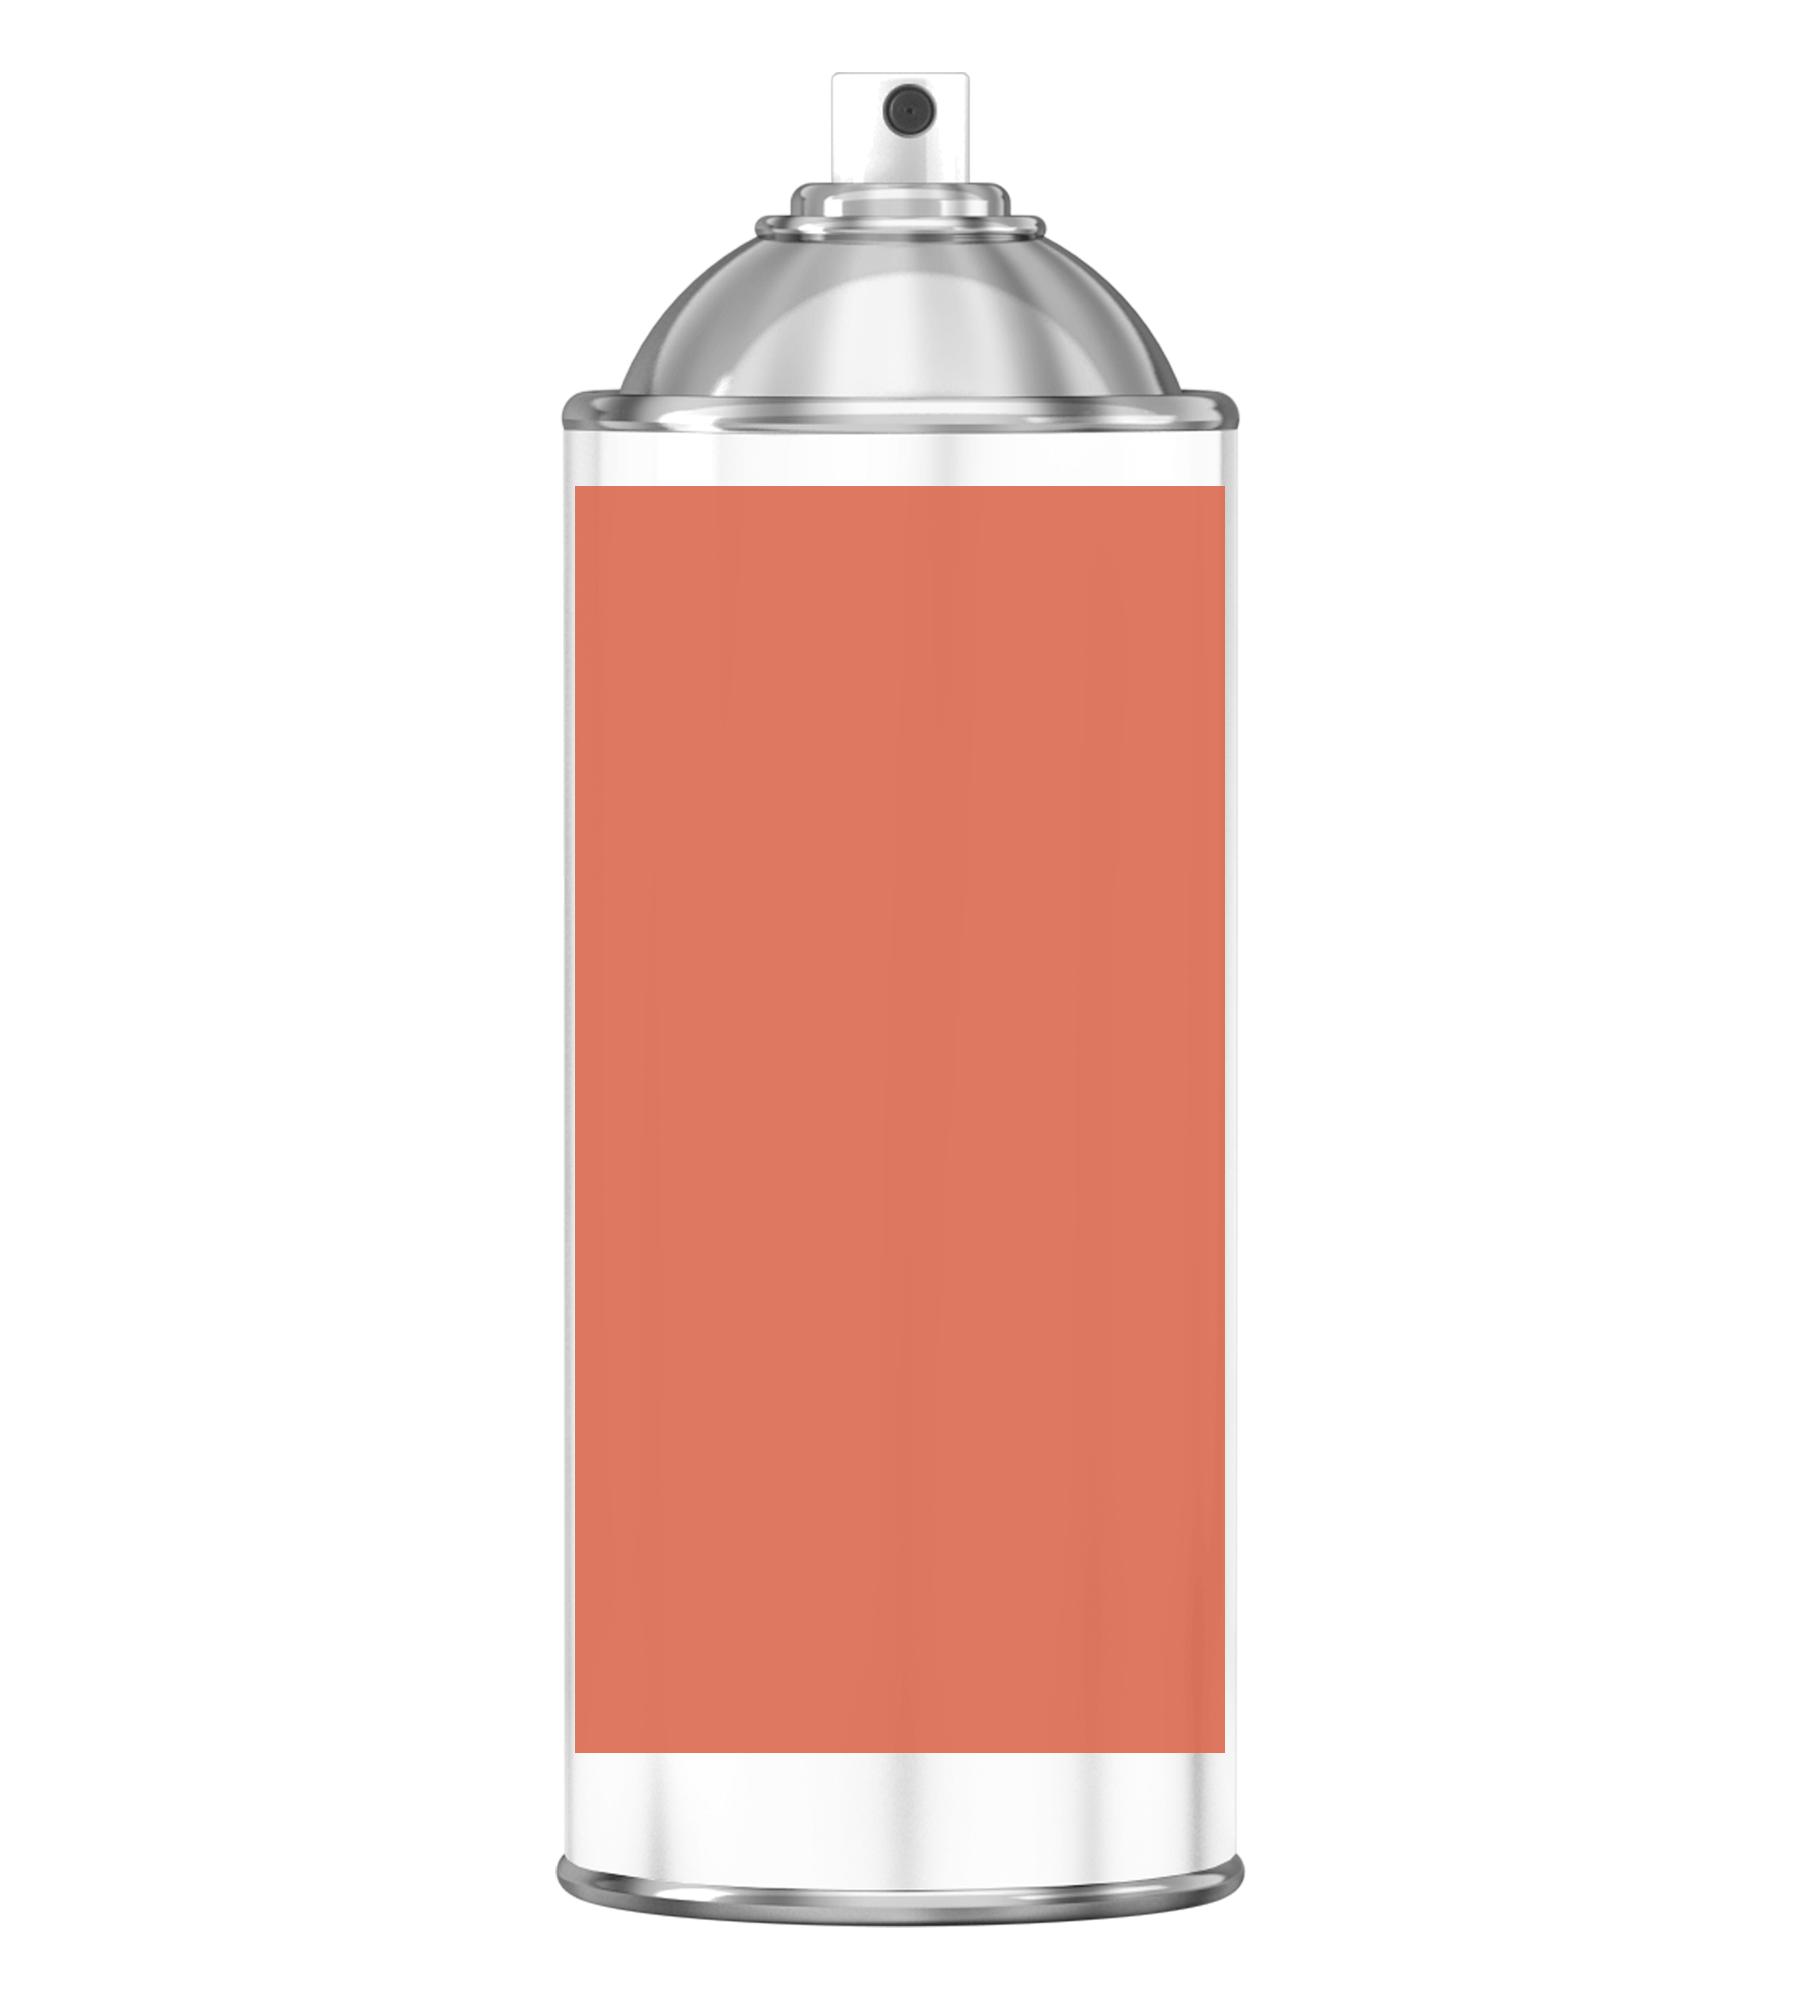 RAL 2012 Salmon orange Sprayburk